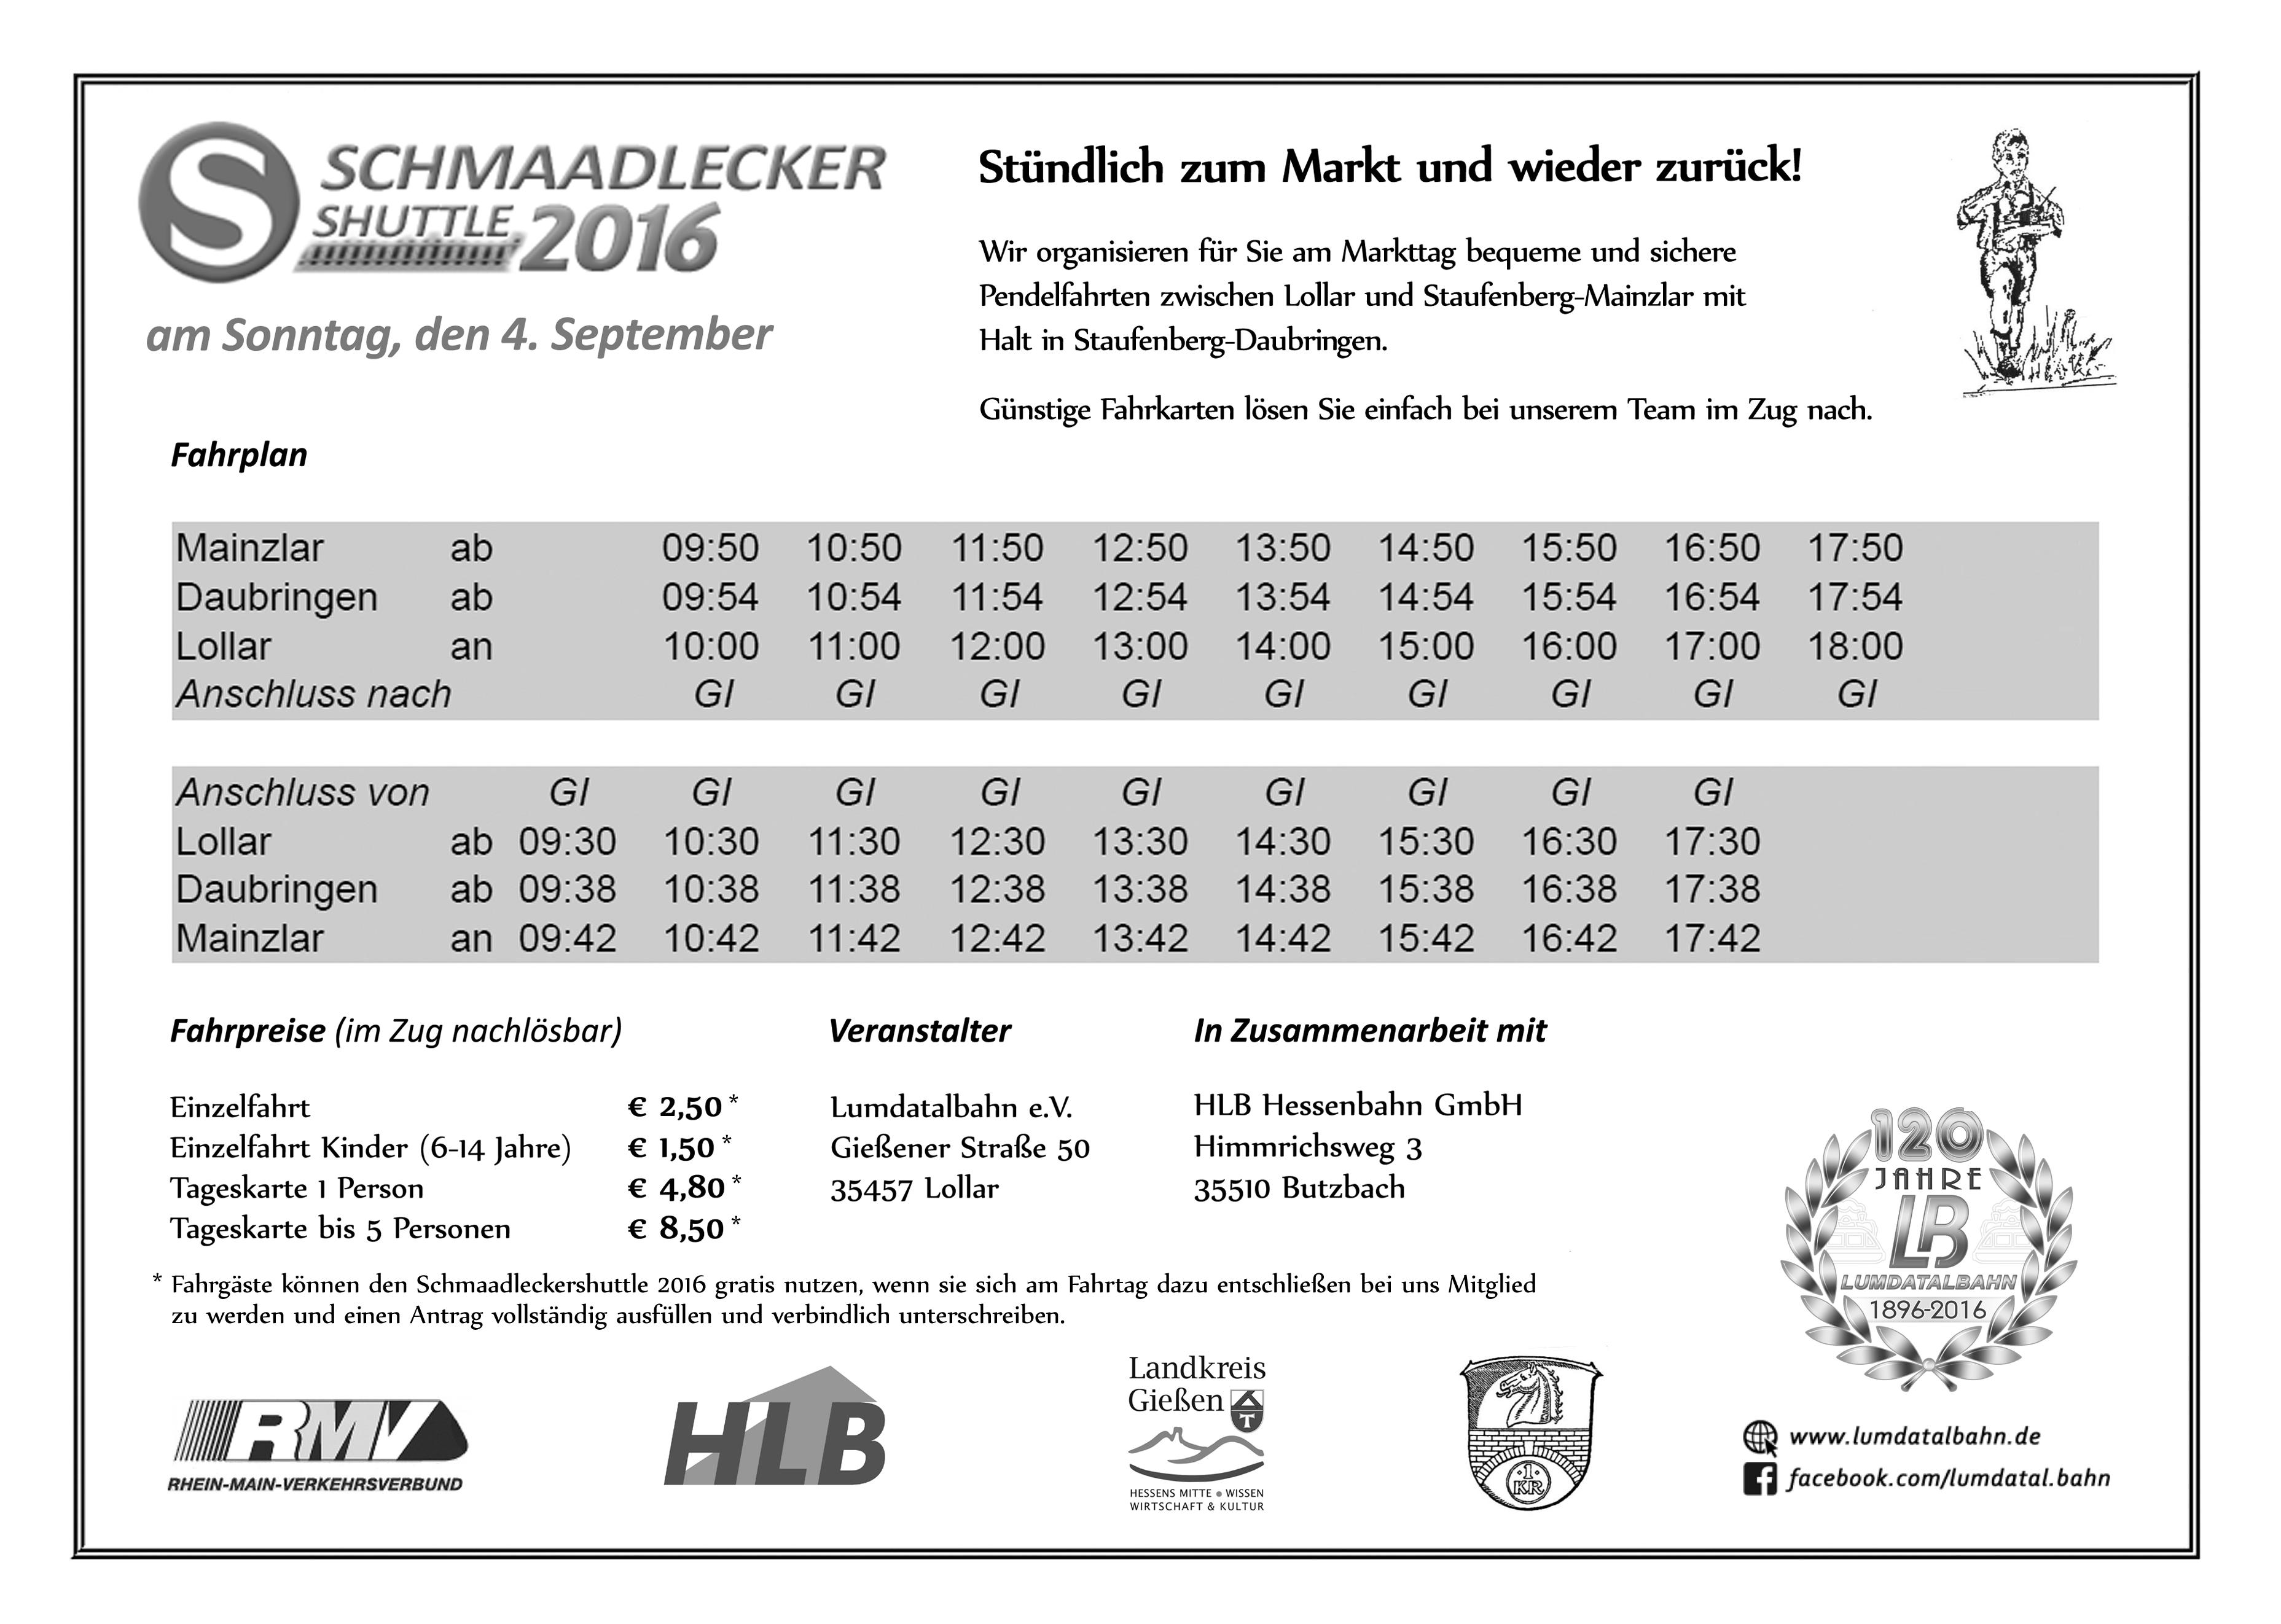 Plakat Schmaadleckershuttle